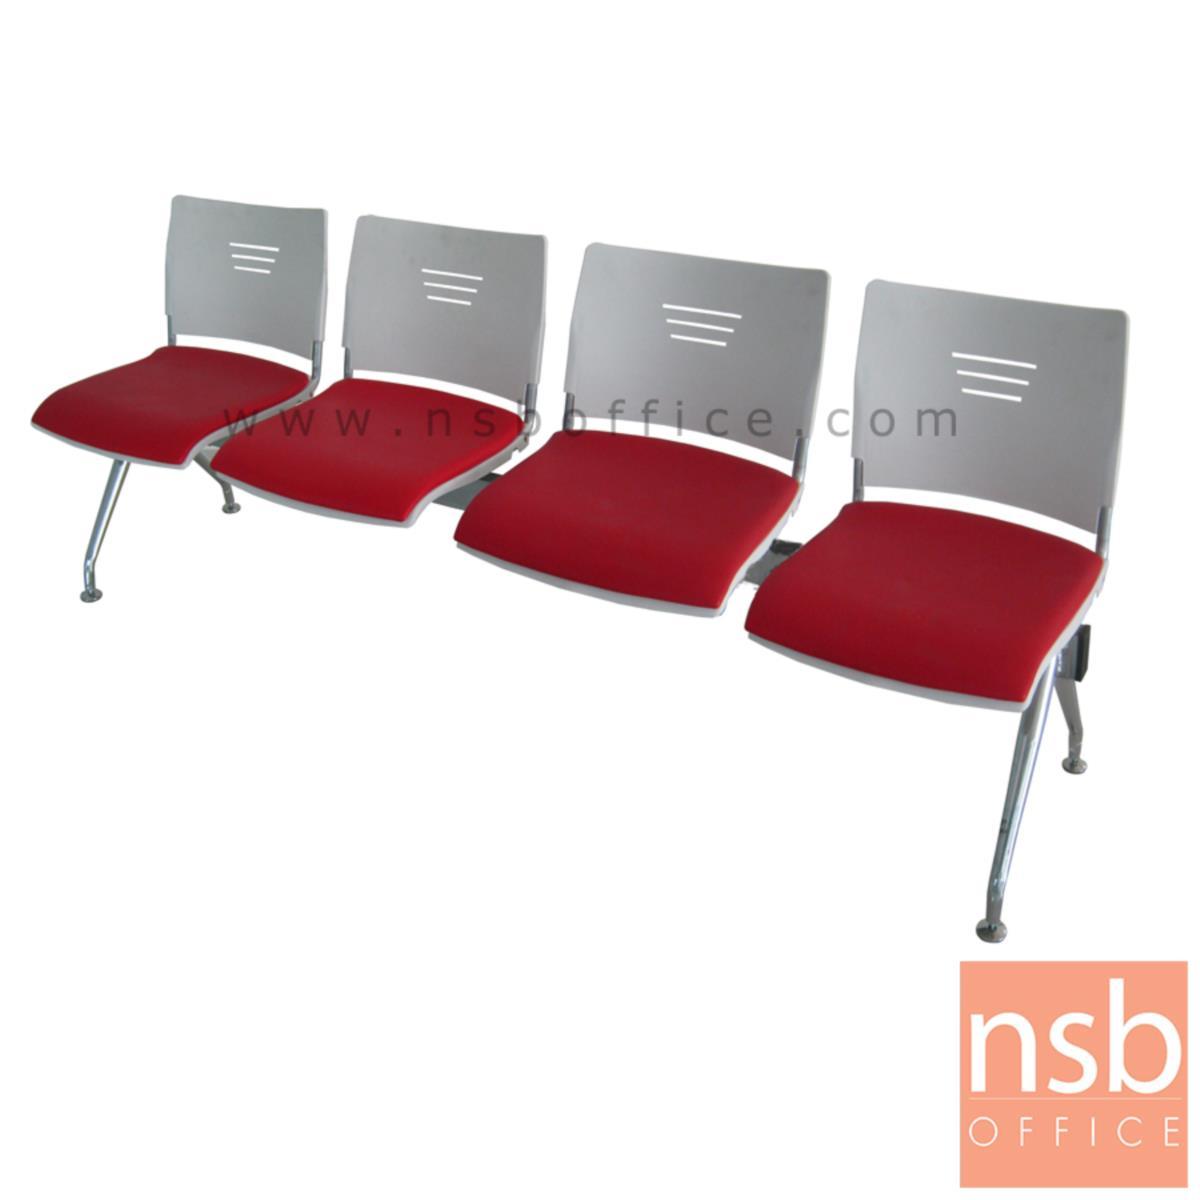 B06A110:เก้าอี้นั่งคอยเฟรมโพลี่หุ้มเบาะ รุ่น Powerline (พาวเวอร์ไลน์) 2 ,3 ,4 ที่นั่ง ขนาด 96W ,146W ,196W cm. ขาเหล็ก